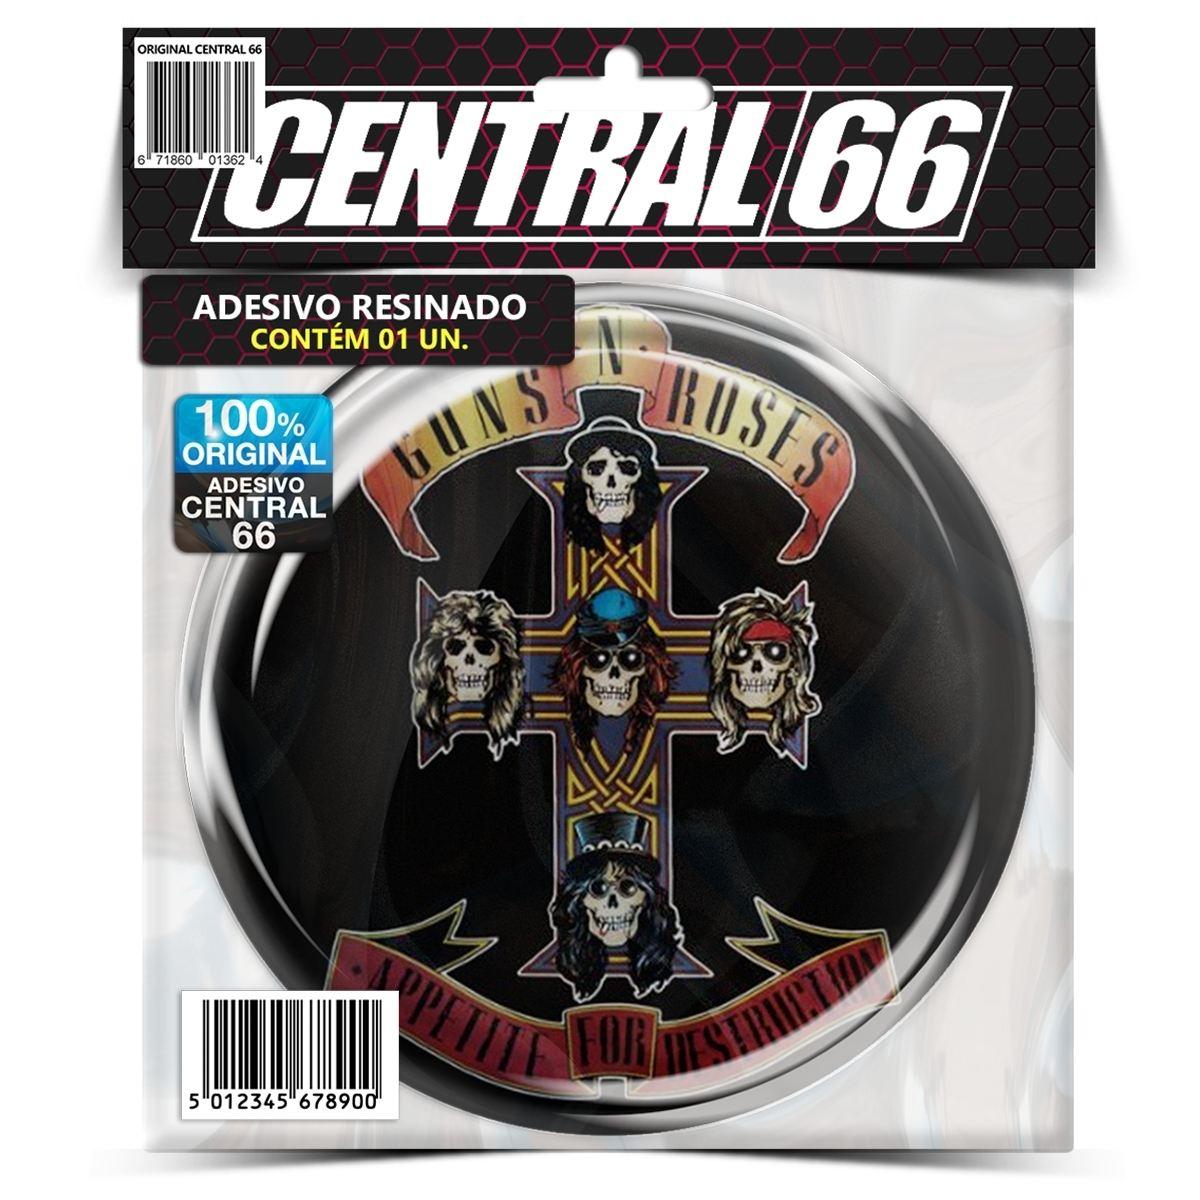 Adesivo Redondo Guns' N Roses Appetite for Destruction – Central 66